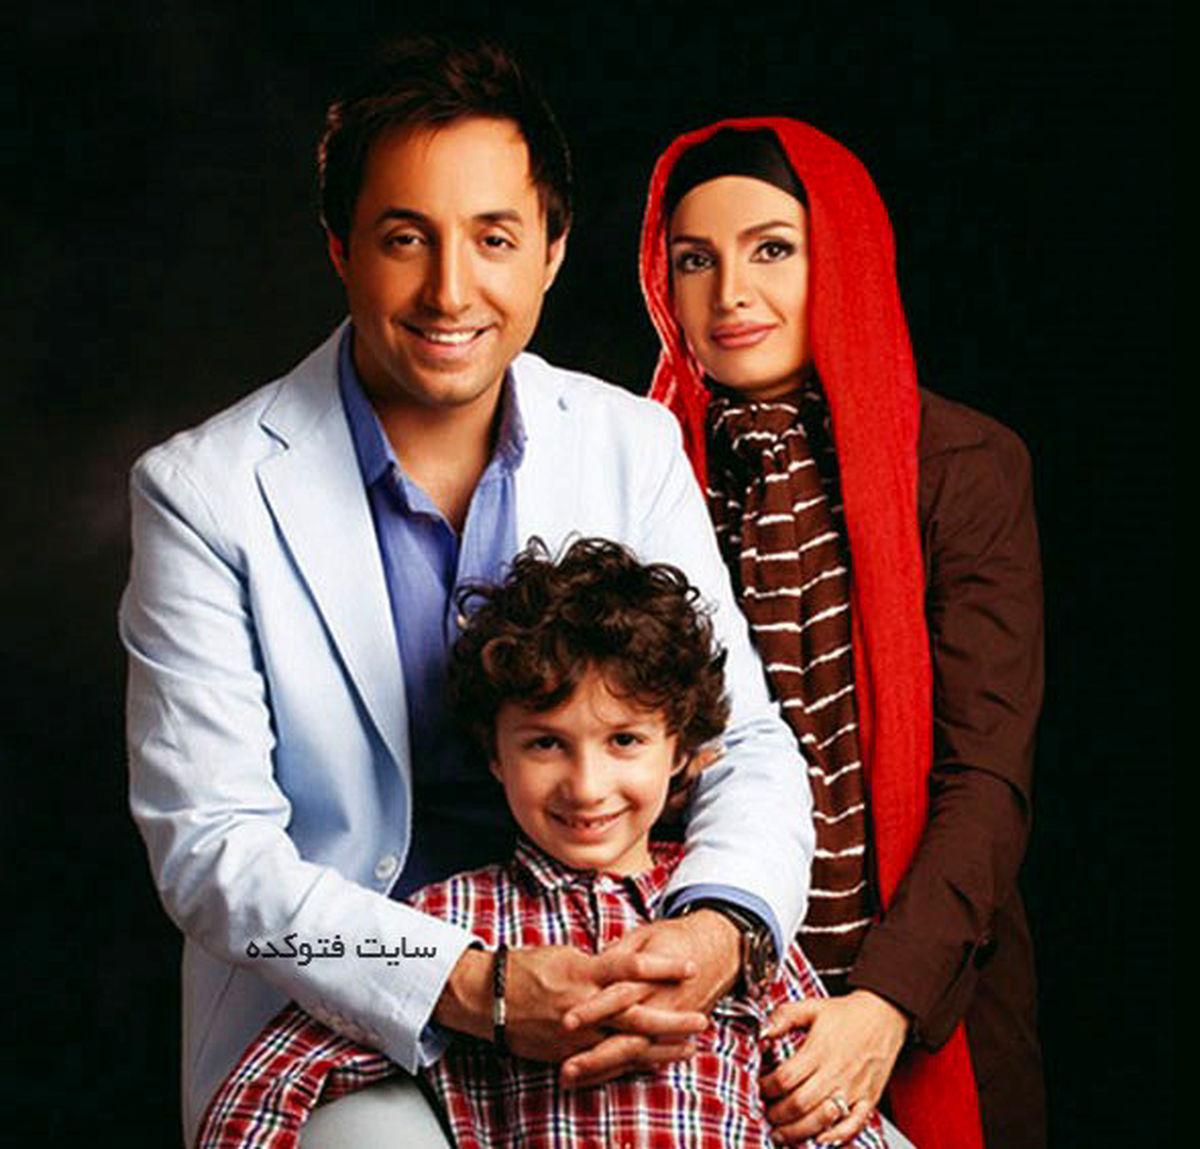 عکس لورفته از ماشین مدل بالای امیرحسین رستمی +تصاویر امیرحسین رستمی و همسر و پسرش